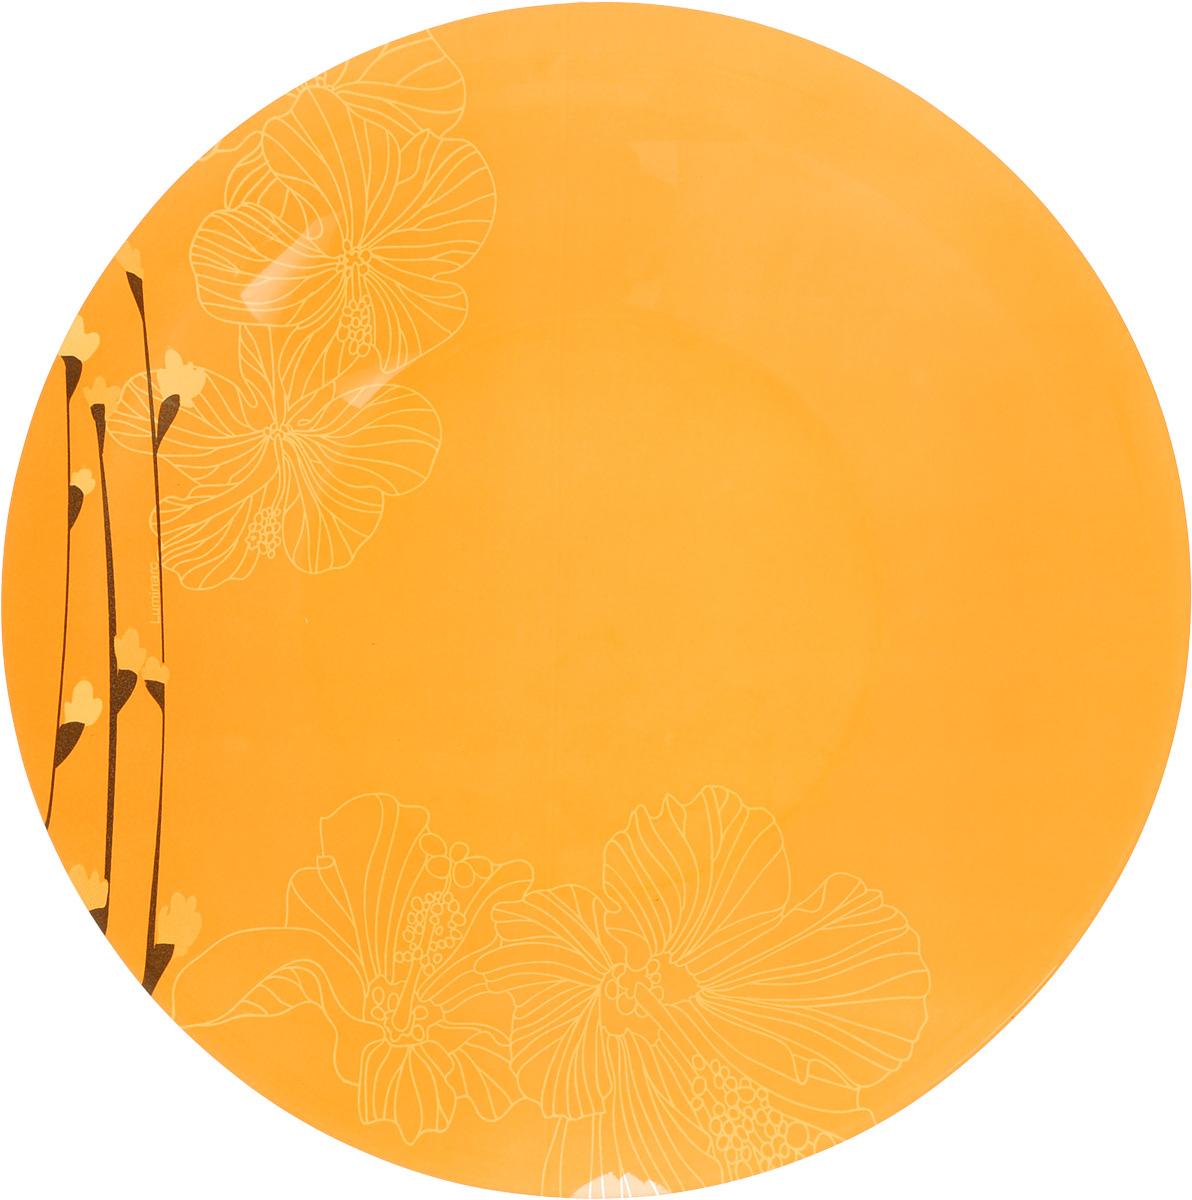 Тарелка глубокая Luminarc Rhapsody Orange, диаметр 21,2 смH8727Глубокая тарелка Luminarc Rhapsody Orange, изготовленная из ударопрочного стекла, имеет изысканный внешний вид. Яркий дизайн придется по вкусу и ценителям классики, и тем, кто предпочитает утонченность. Тарелка Luminarc Rhapsody Orange идеально подойдет для сервировки различных блюд, а также станет отличным подарком к любому празднику.Диаметр тарелки (по верхнему краю): 21,2 см.